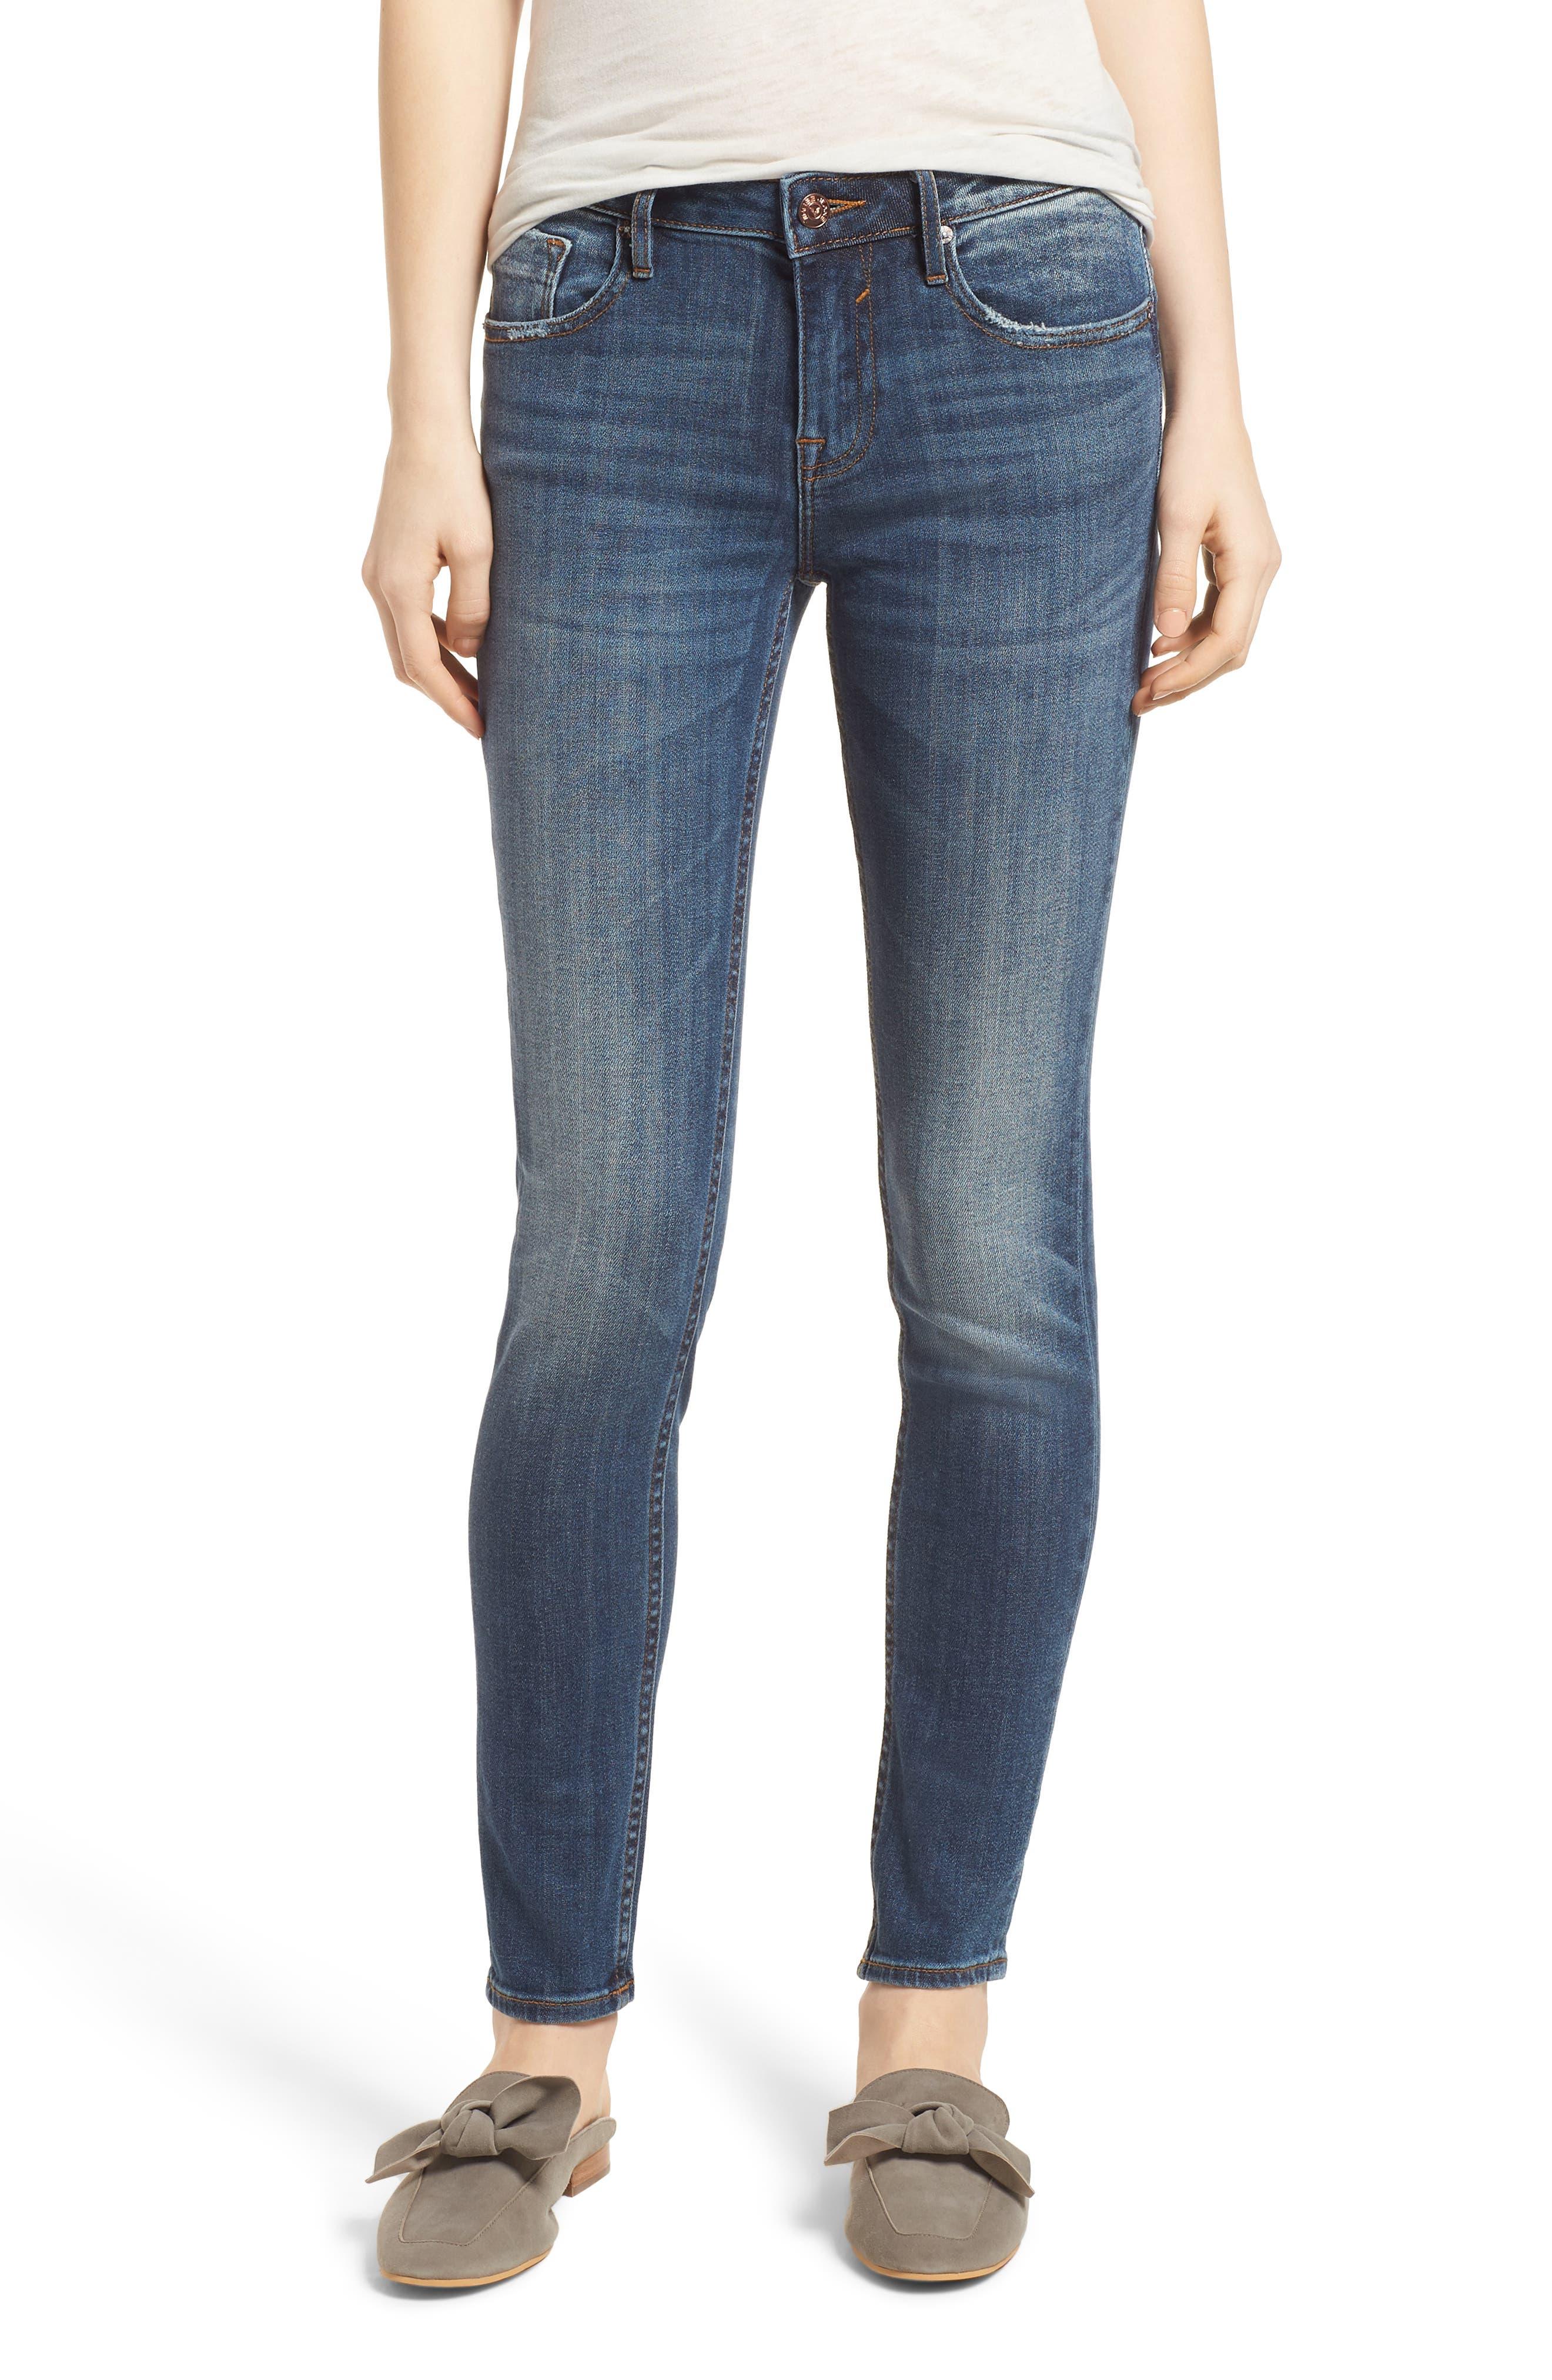 Jagger Skinny Jeans,                             Main thumbnail 1, color,                             Medium Wash